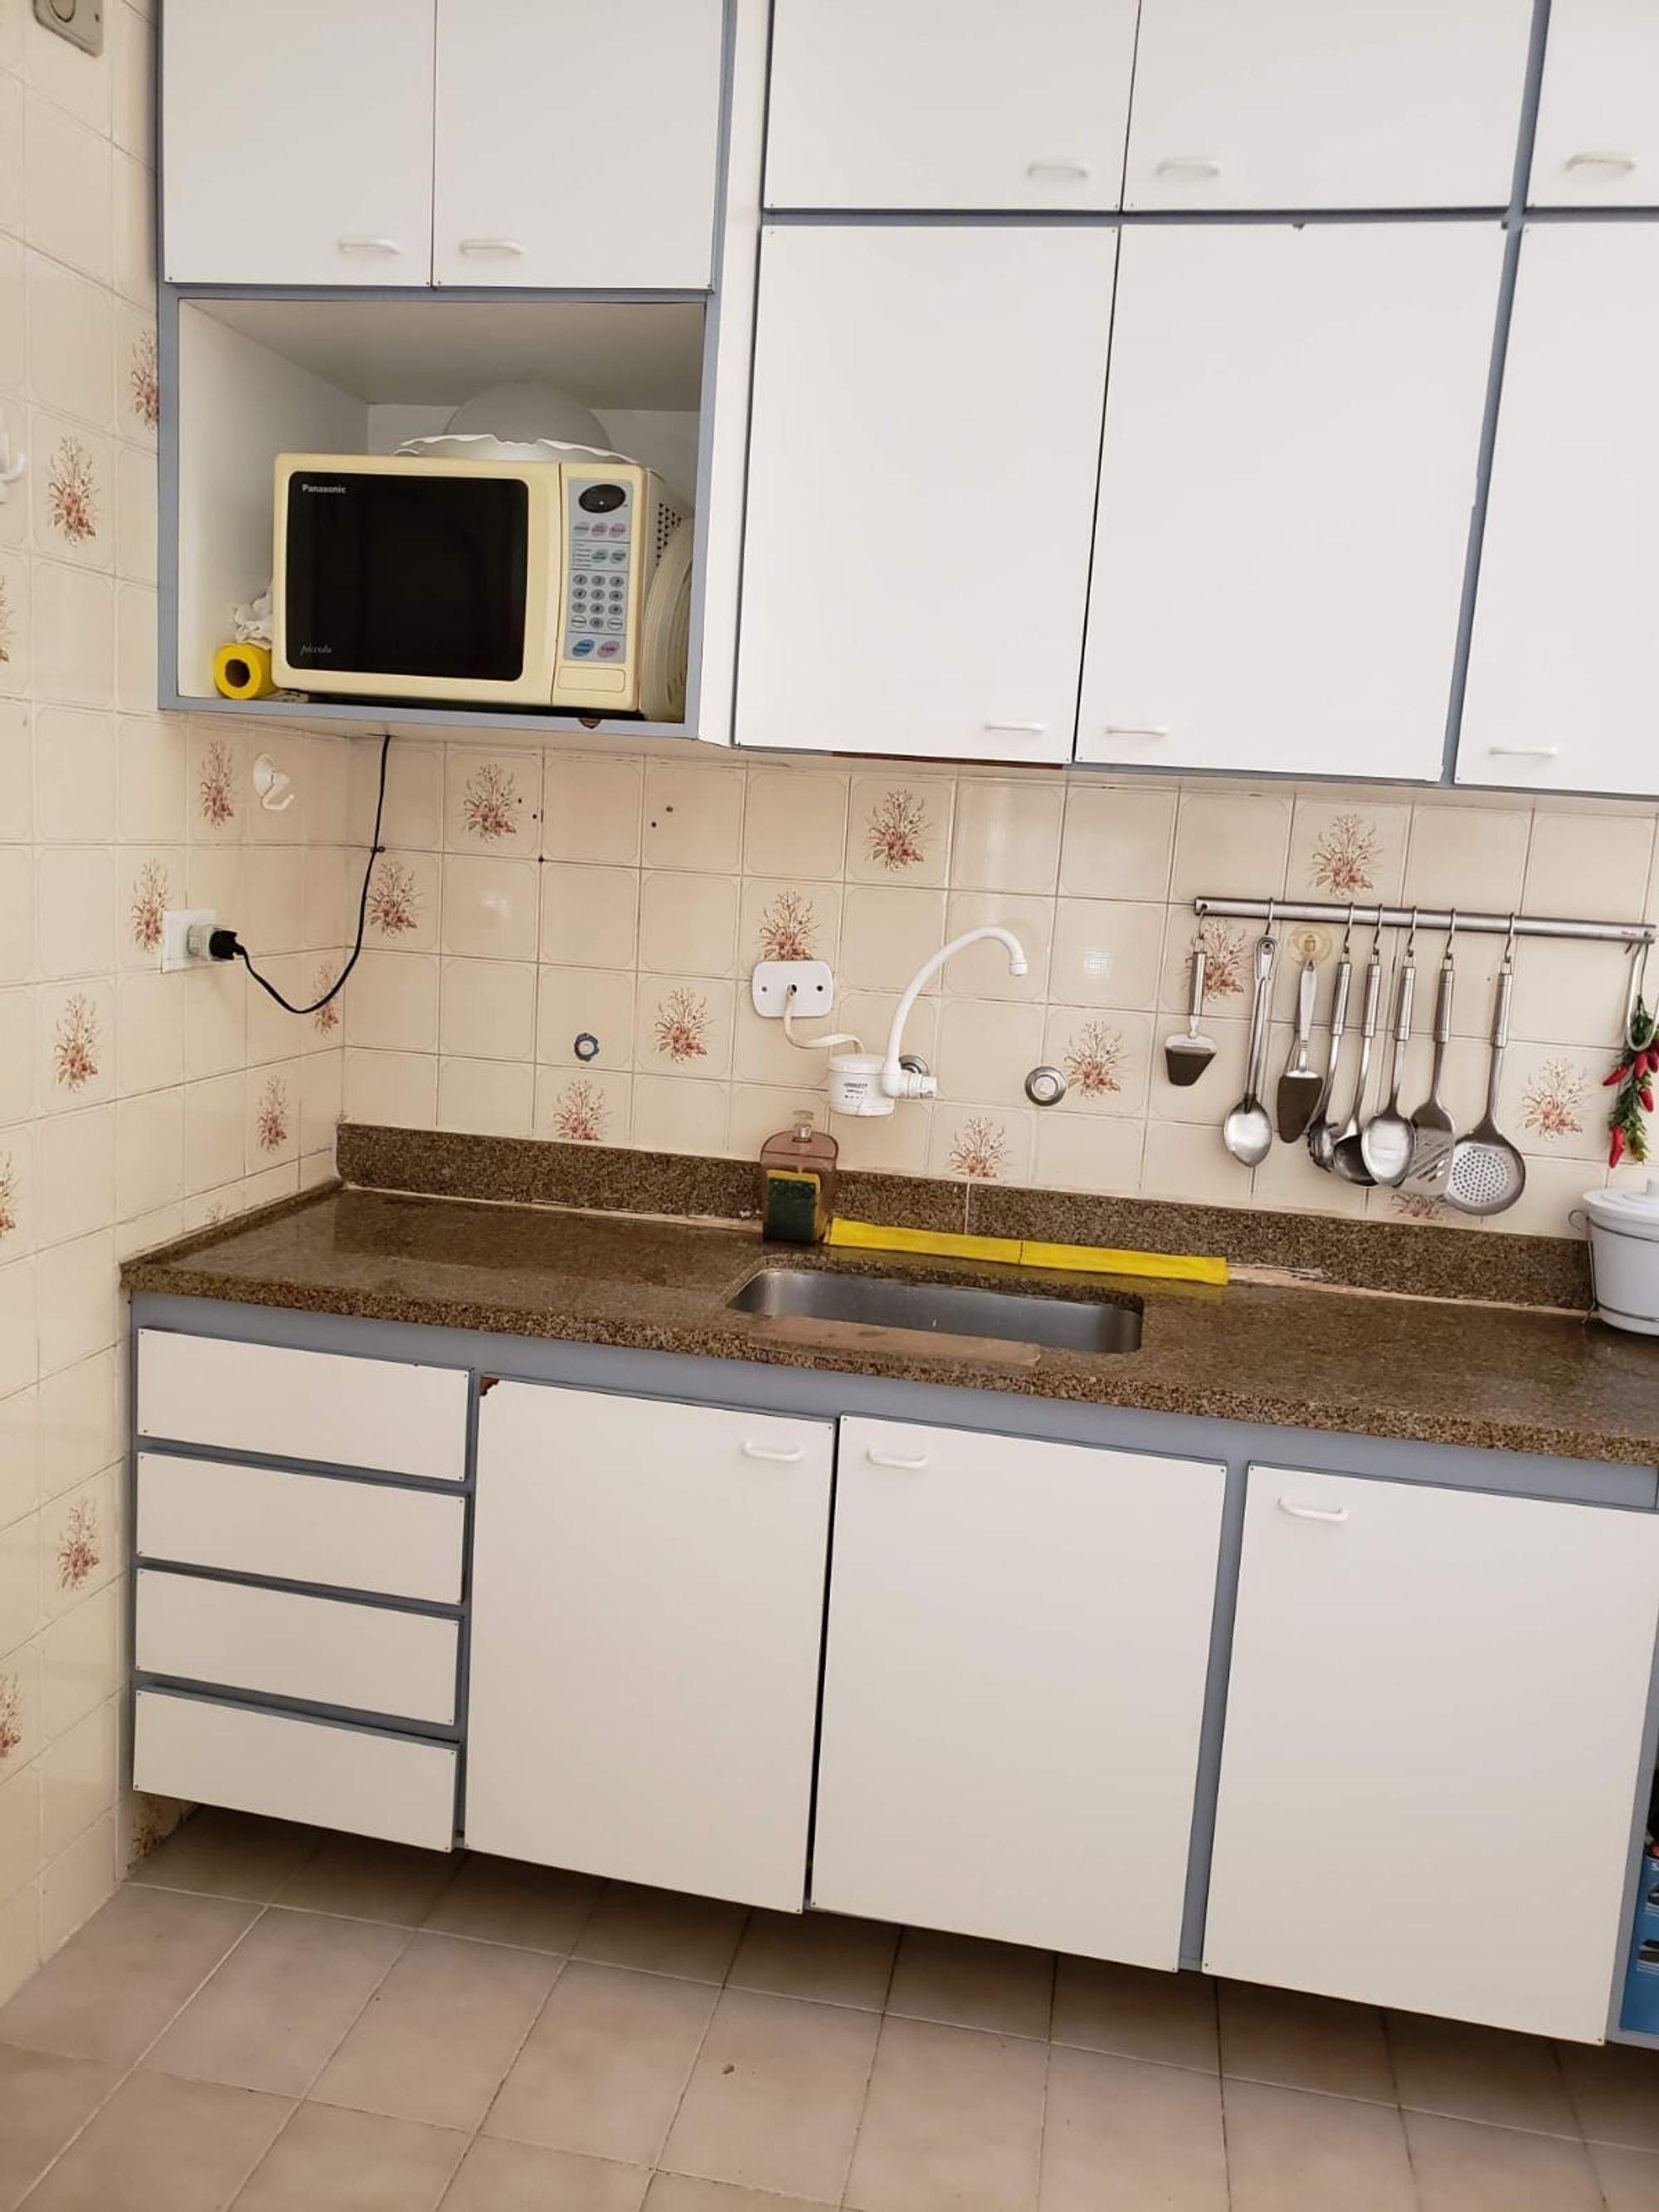 Foto de Cozinha com colher, microondas, garrafa